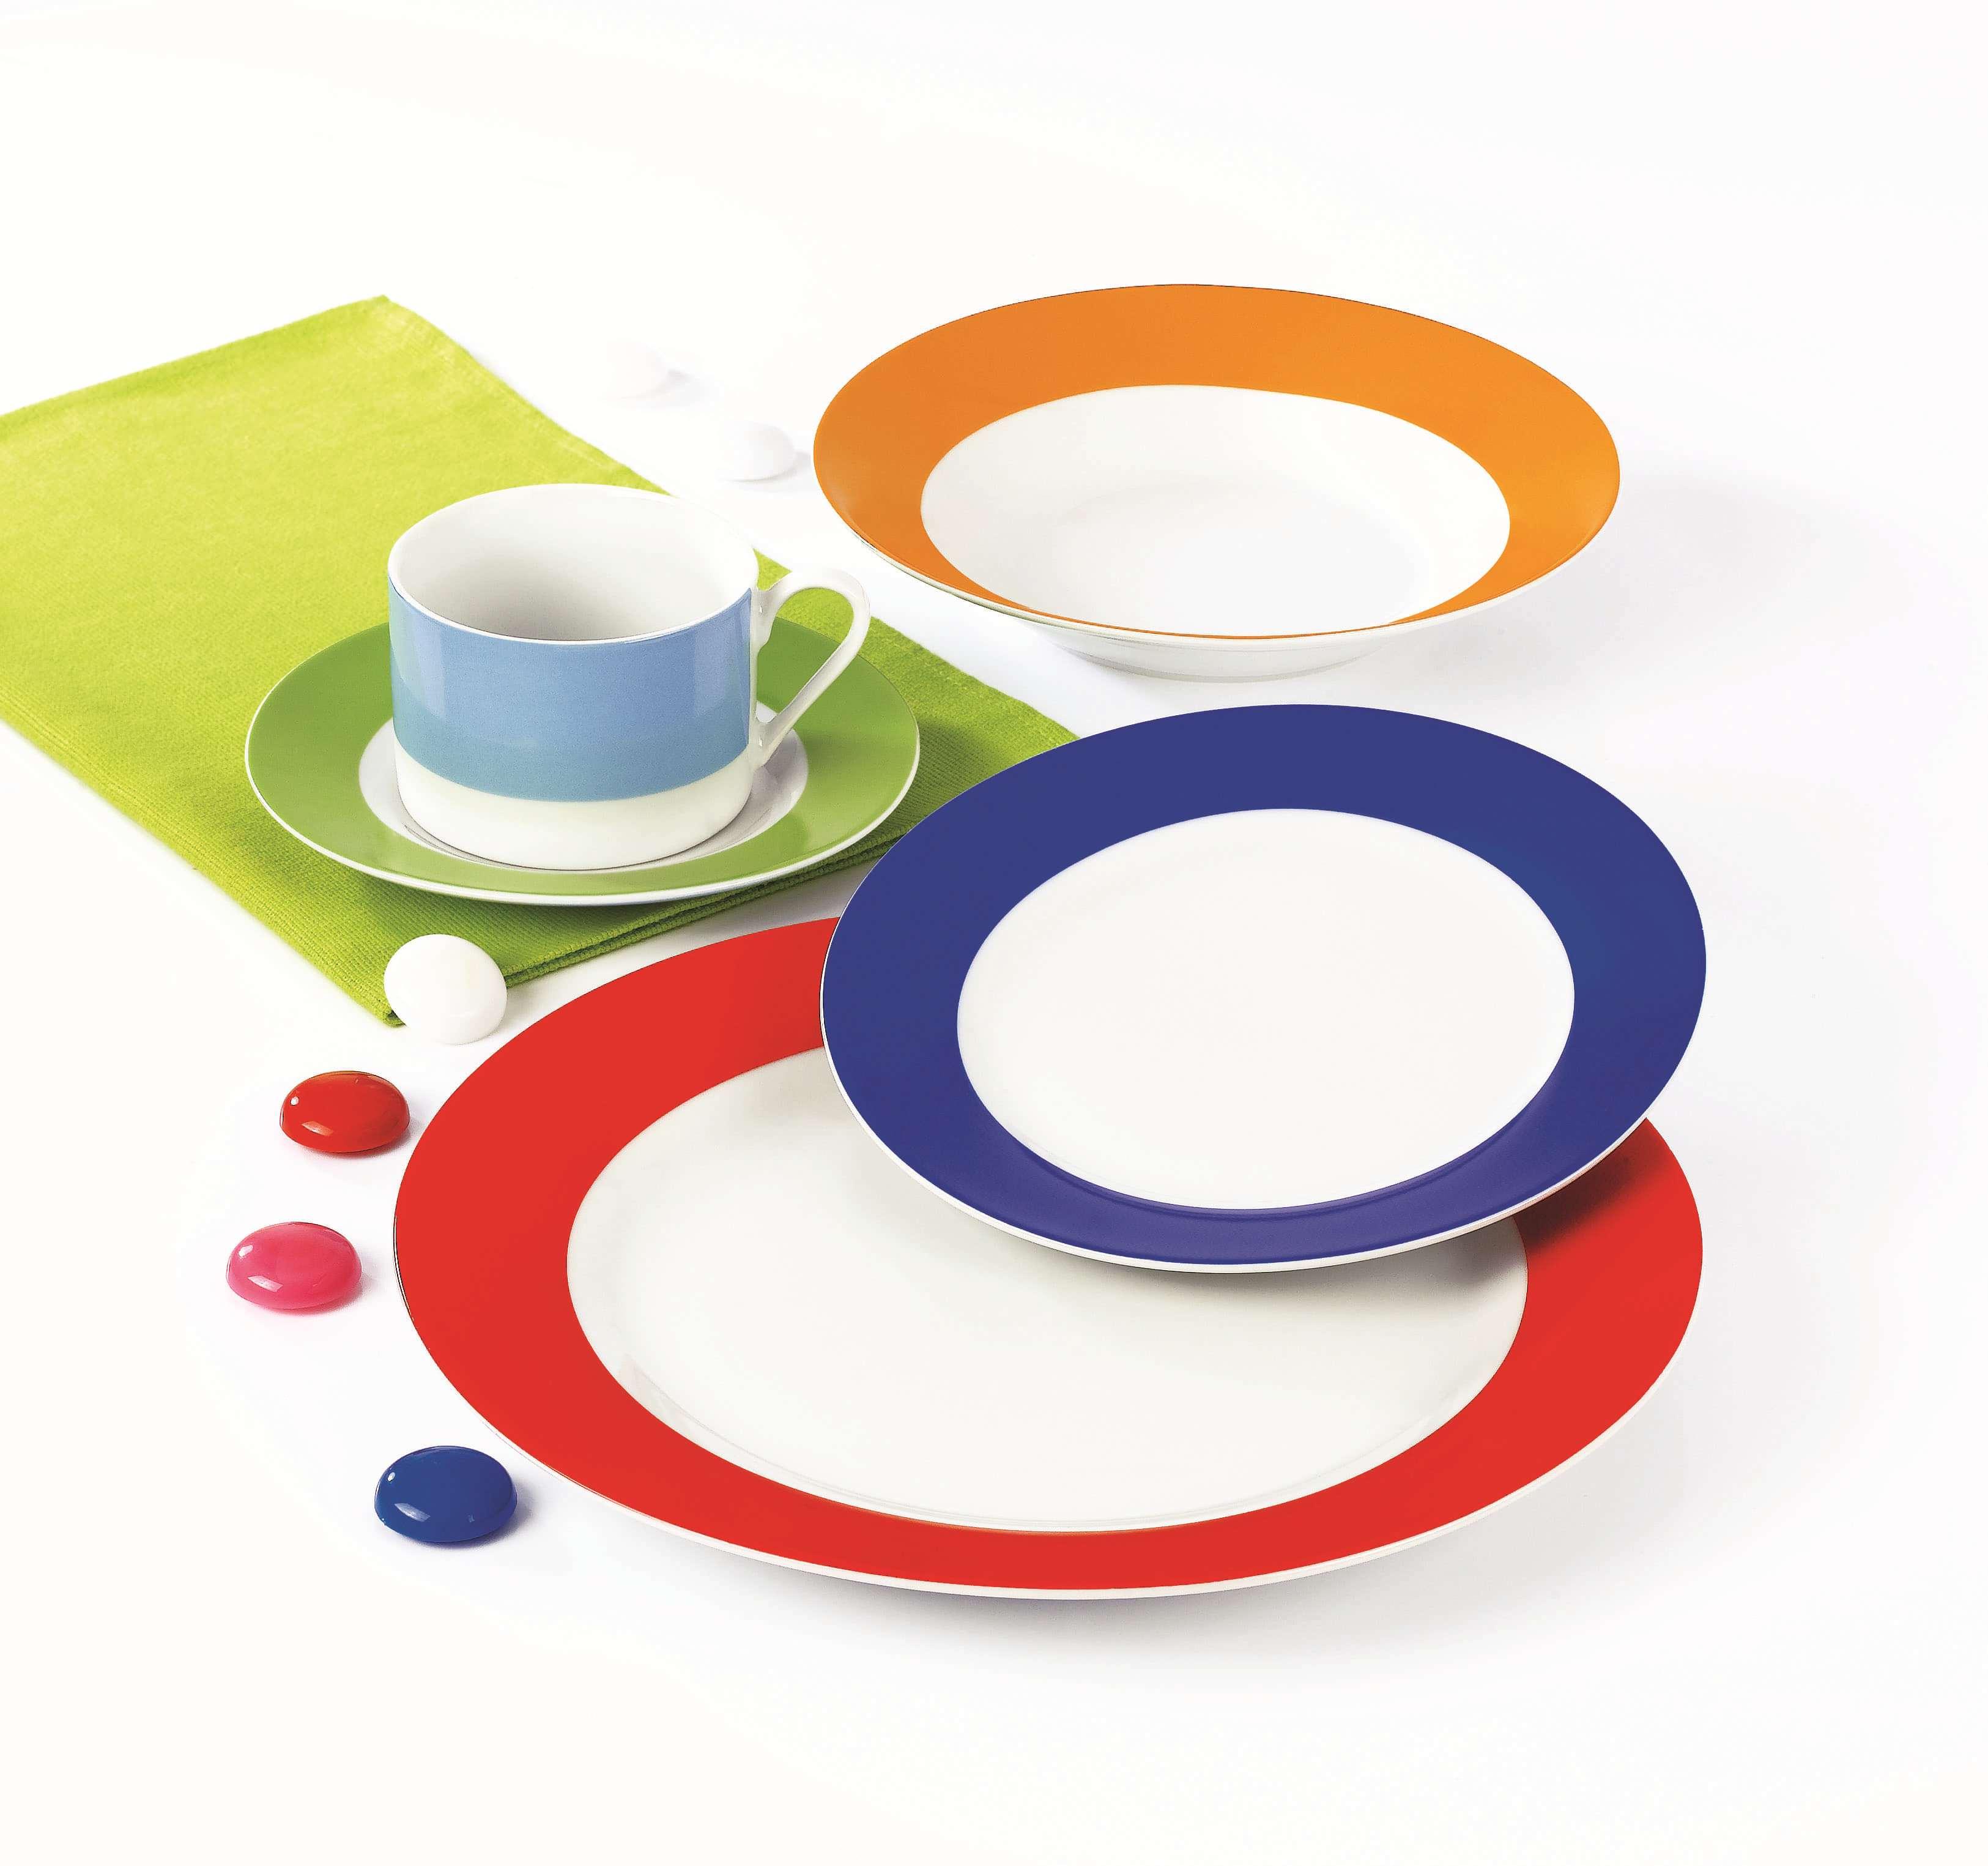 纯色圆型餐具